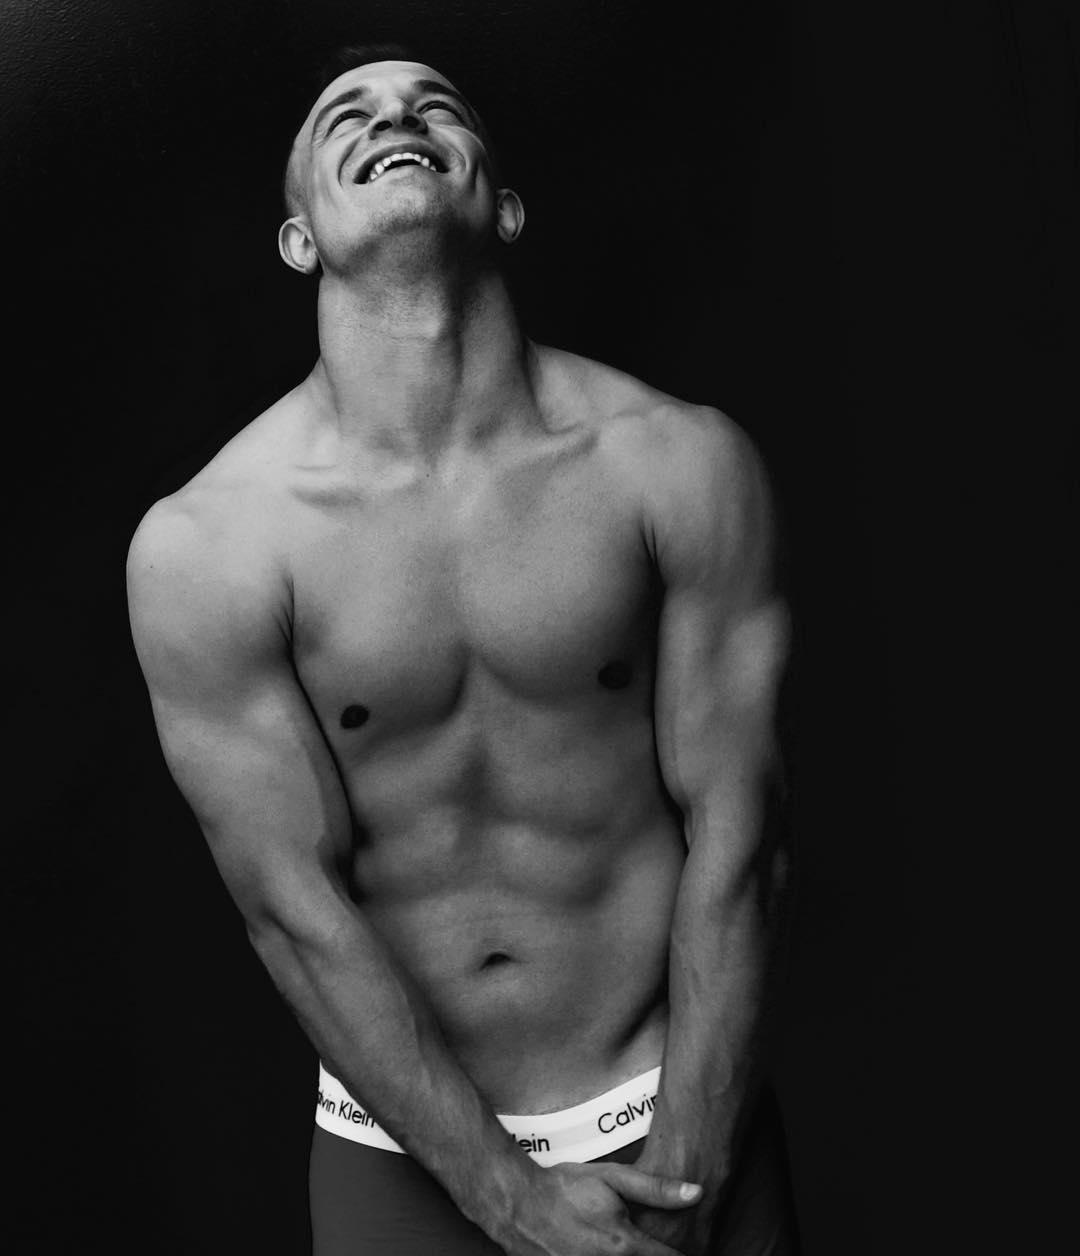 Shaqiri profită de felul în care arată şi pozează la bustul gol. FOTO: instagram